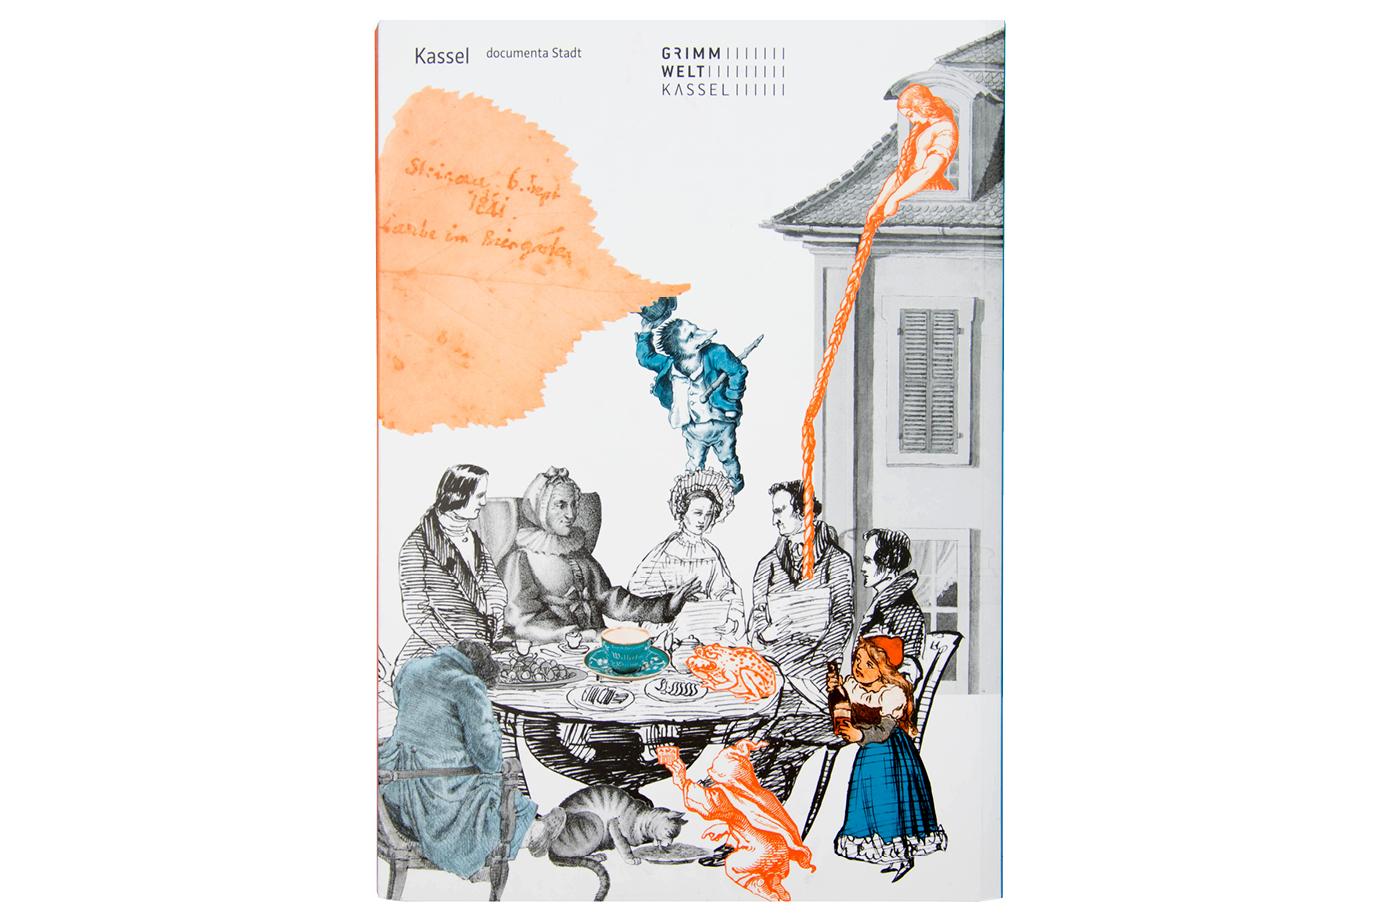 http://e-o-t.de/wordpress/wp-content/uploads/2017/05/2015_eot-Grimmwelt-Book-018.jpg